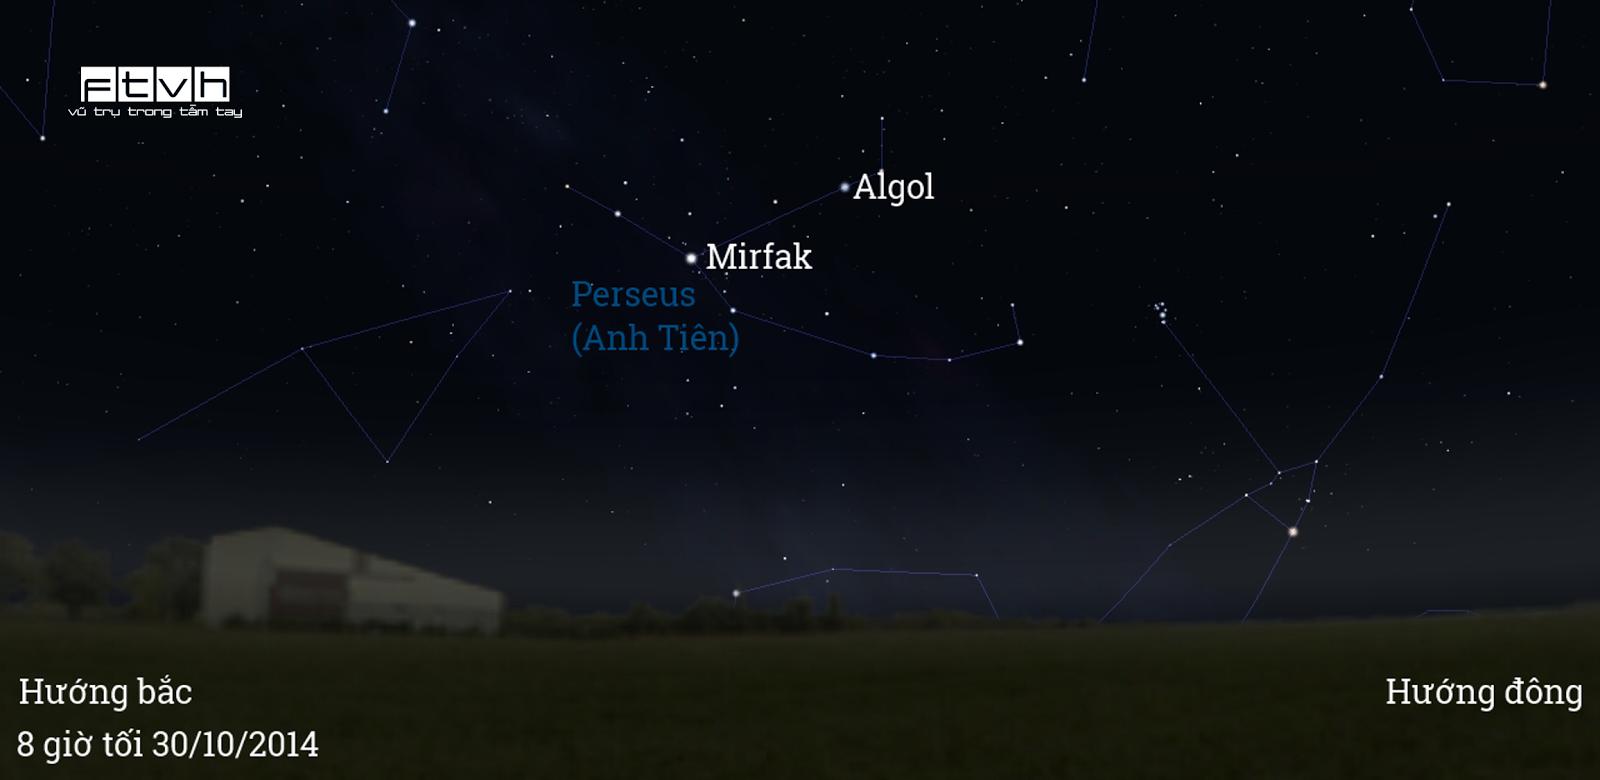 Bầu trời hướng đông bắc lúc 8 giờ tối ngày 30/10. Sao Mirfak va sao biến quang Algol thuộc chòm sao Perseus (Anh Tiên) đang tỏa sáng.